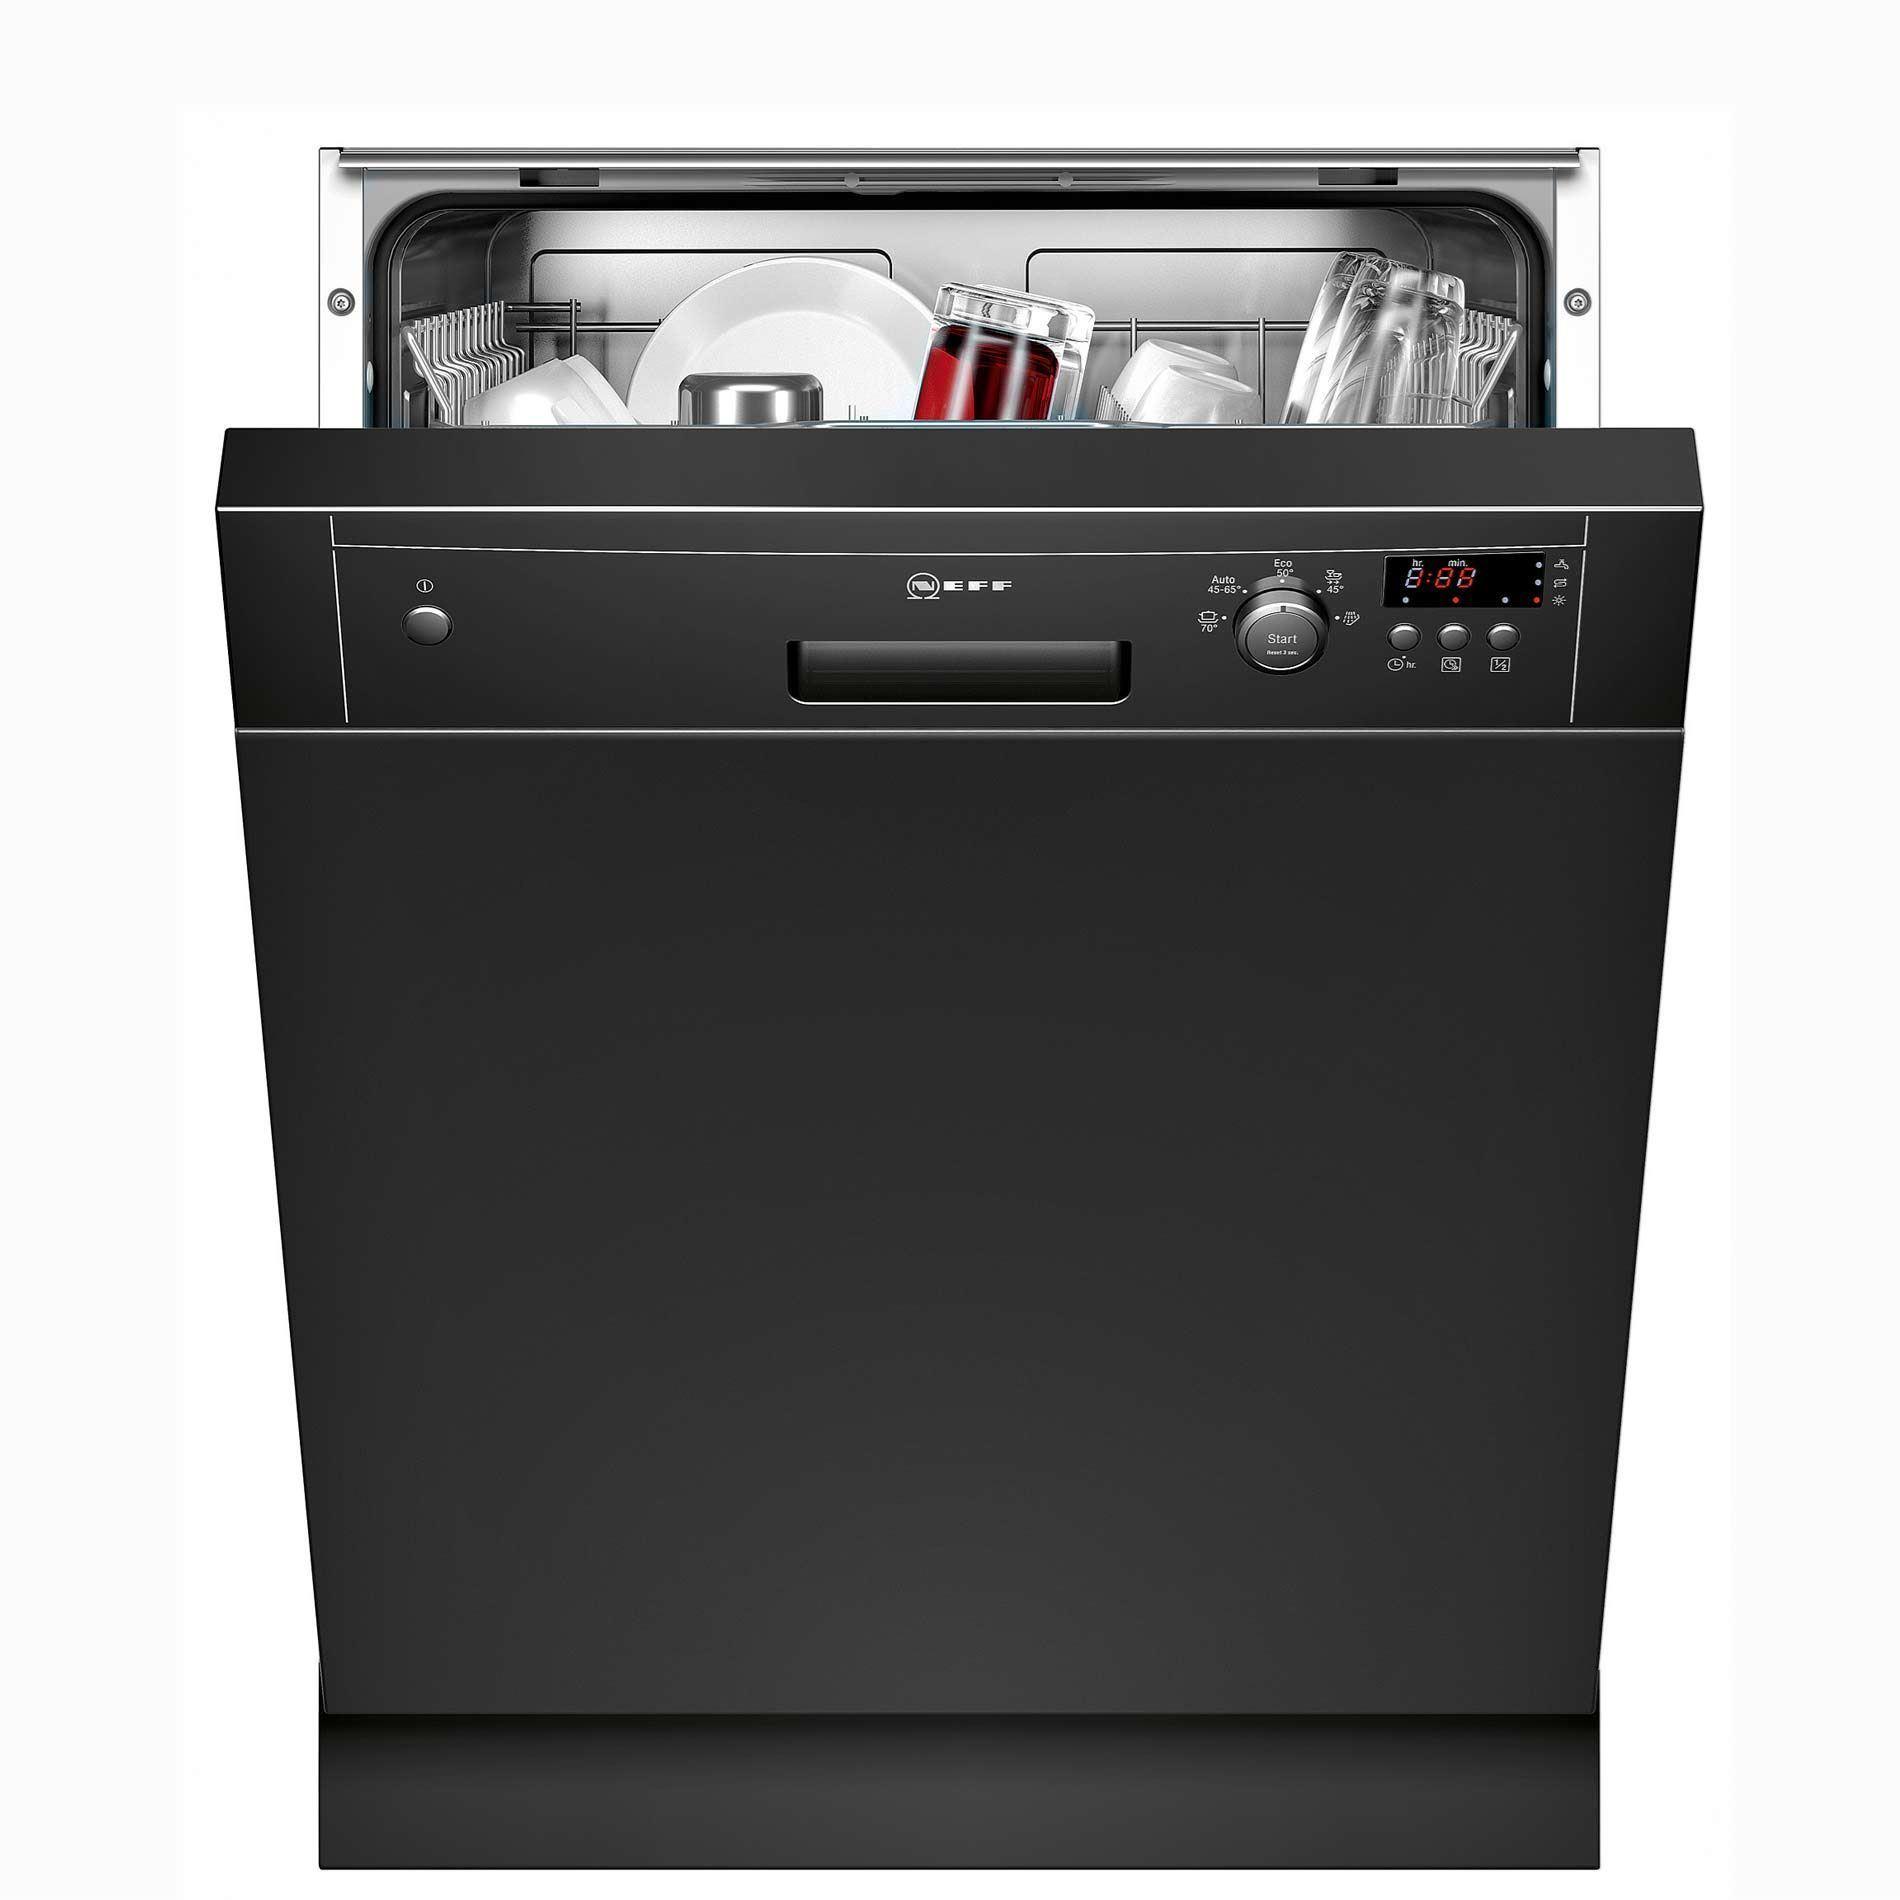 Picture of S41E50S1GB Black Semi-Integrated Dishwasher